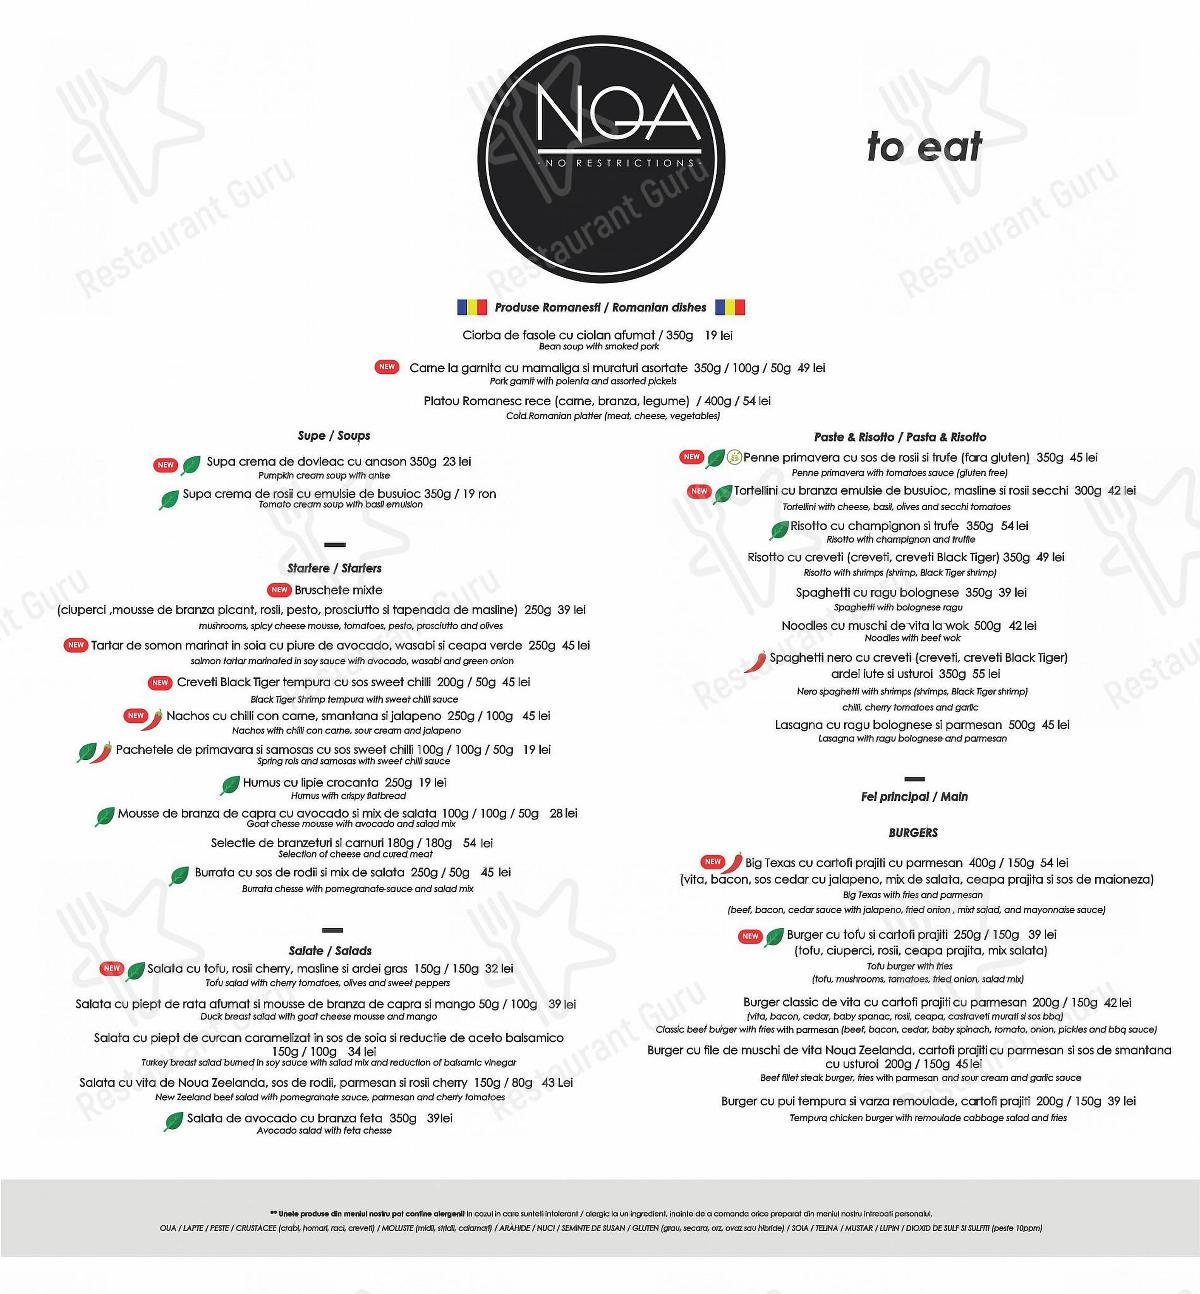 Noa restoclub menu - meals and drinks